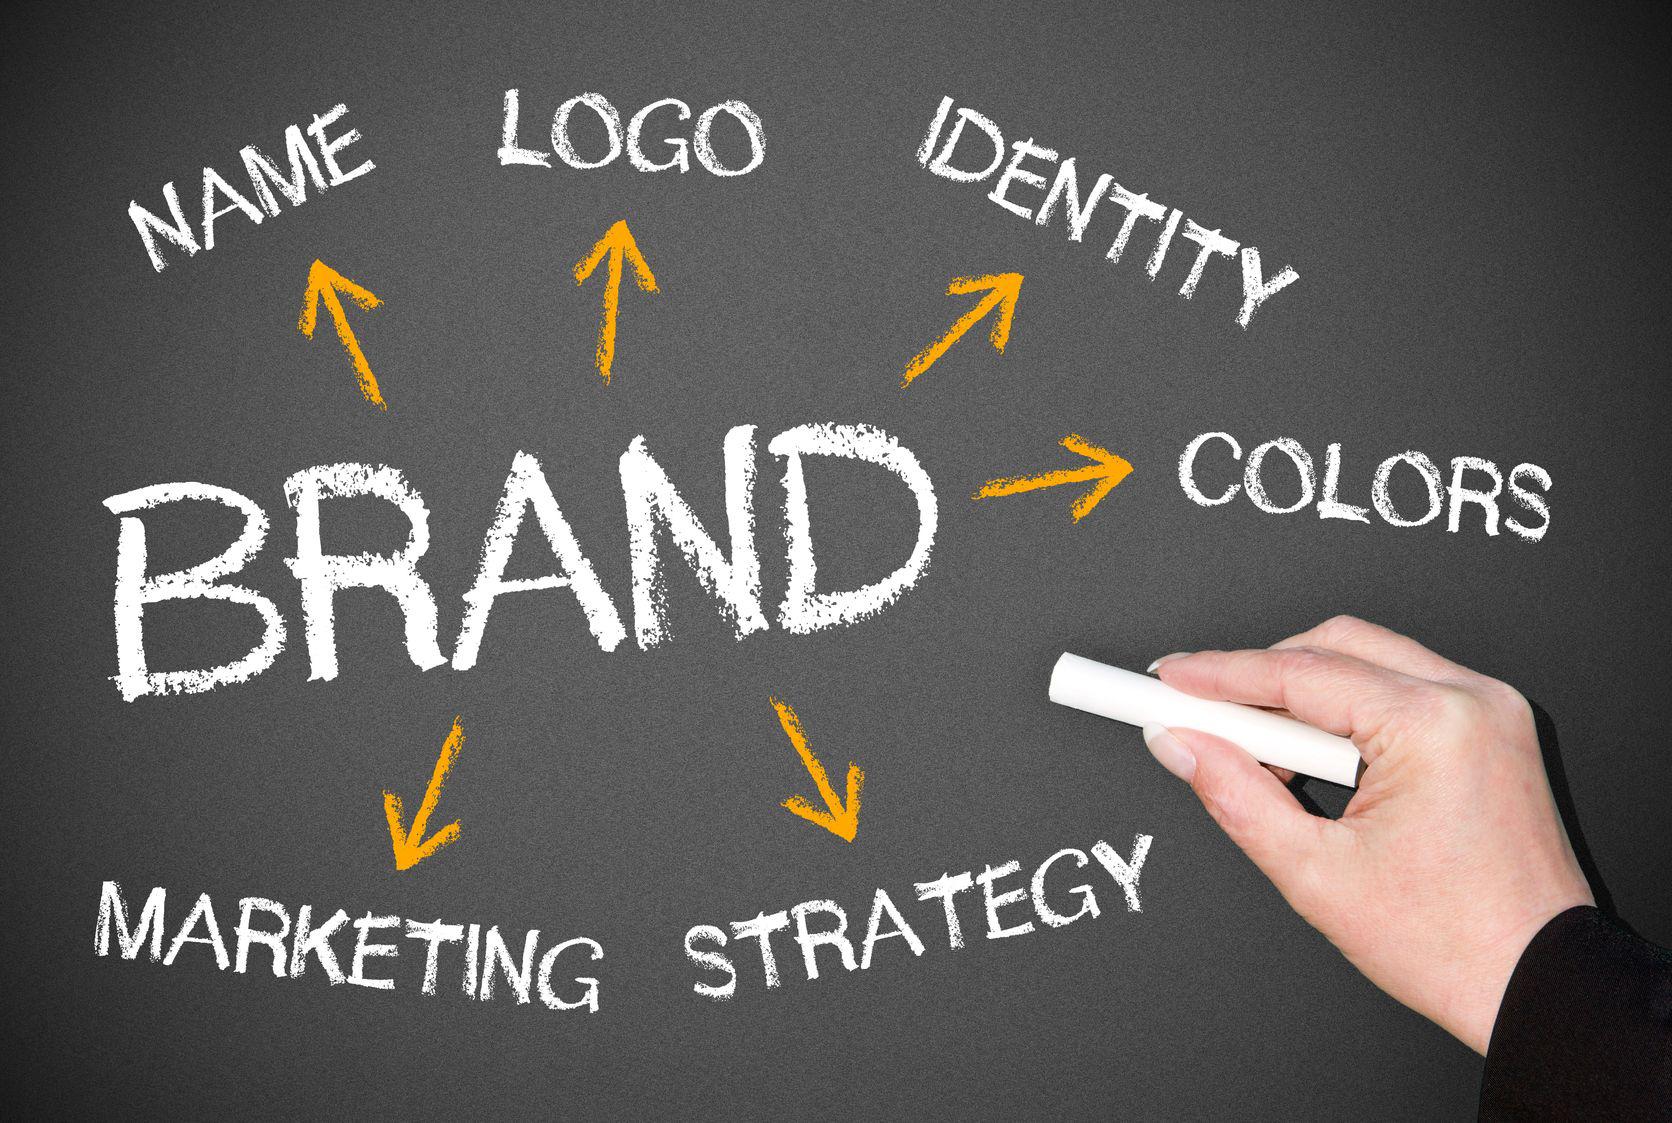 Os consumidores anseiam por interações mais autênticas com as marcas, querem experimentá-las por meio de múltiplos canais e experiências multissensoriais; estão respondendo às histórias das marcas e incorporando produtos e serviços em suas vidas de uma maneira sem precedentes.